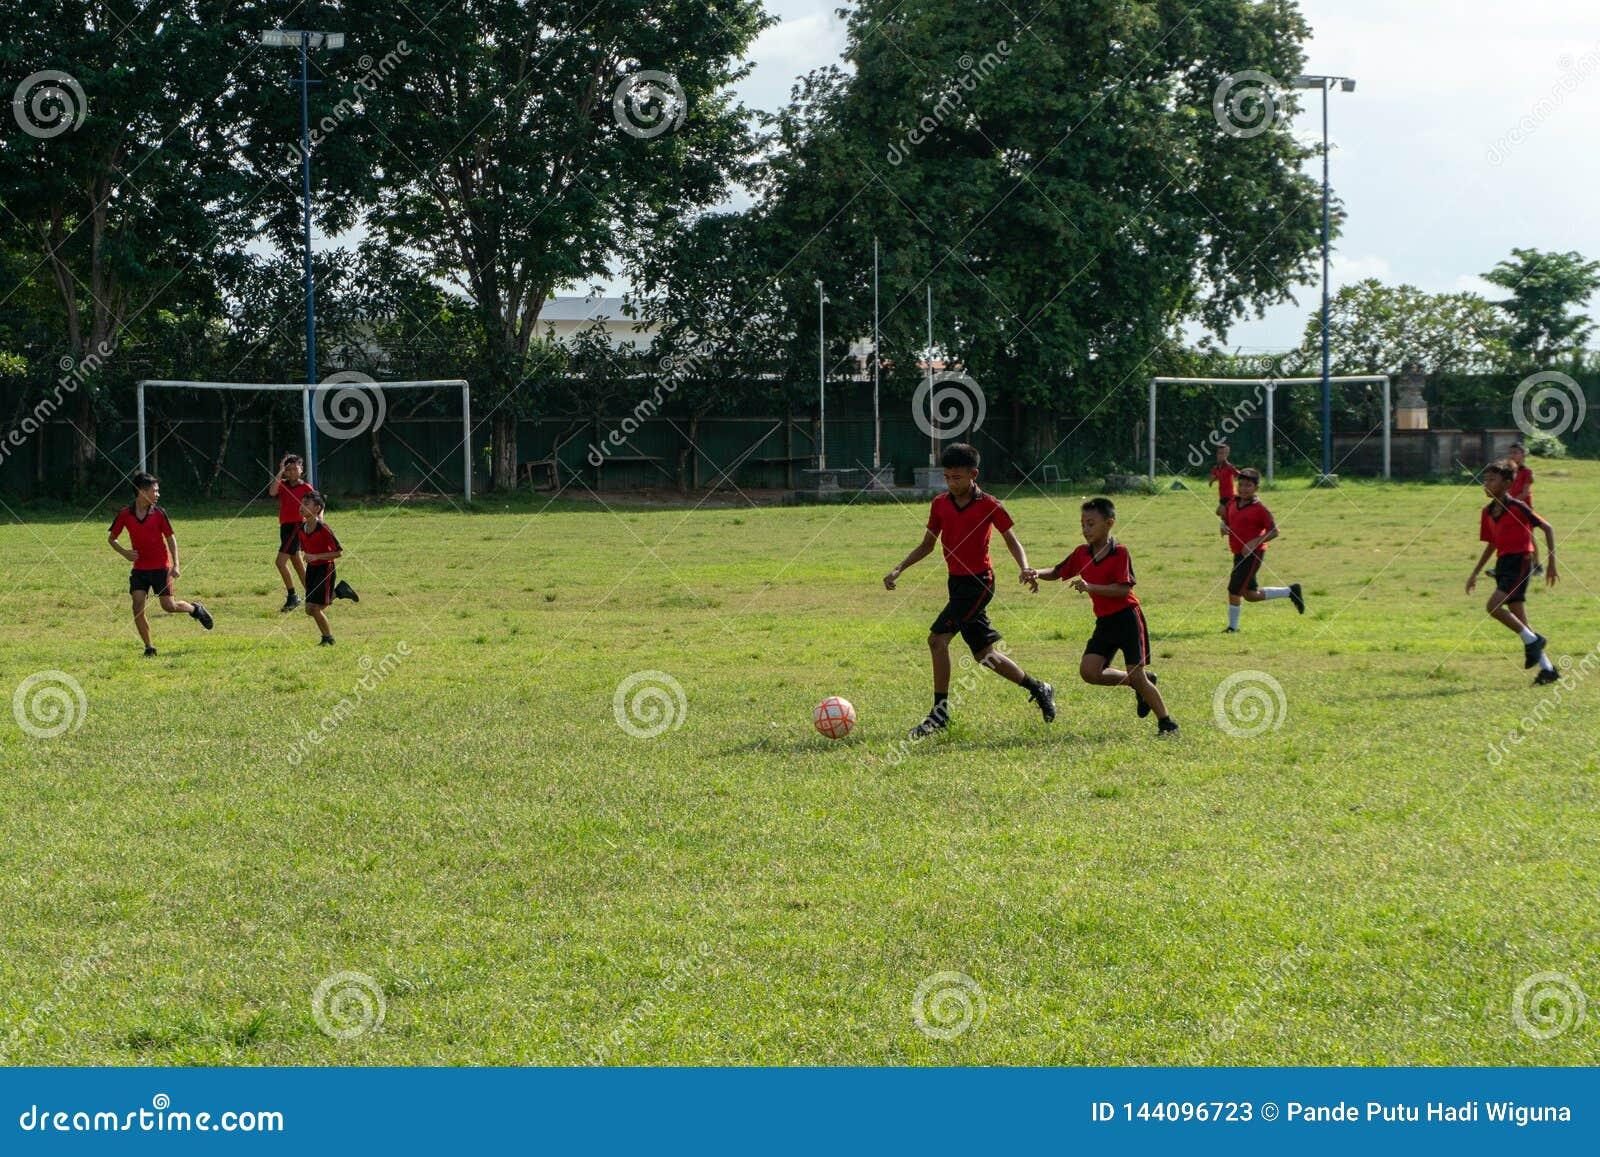 BADUNG, BALI/INDONESIA- 5 DE ABRIL DE 2019: Futebol ou futebol elementar do jogo do estudante no campo com jérsei vermelho